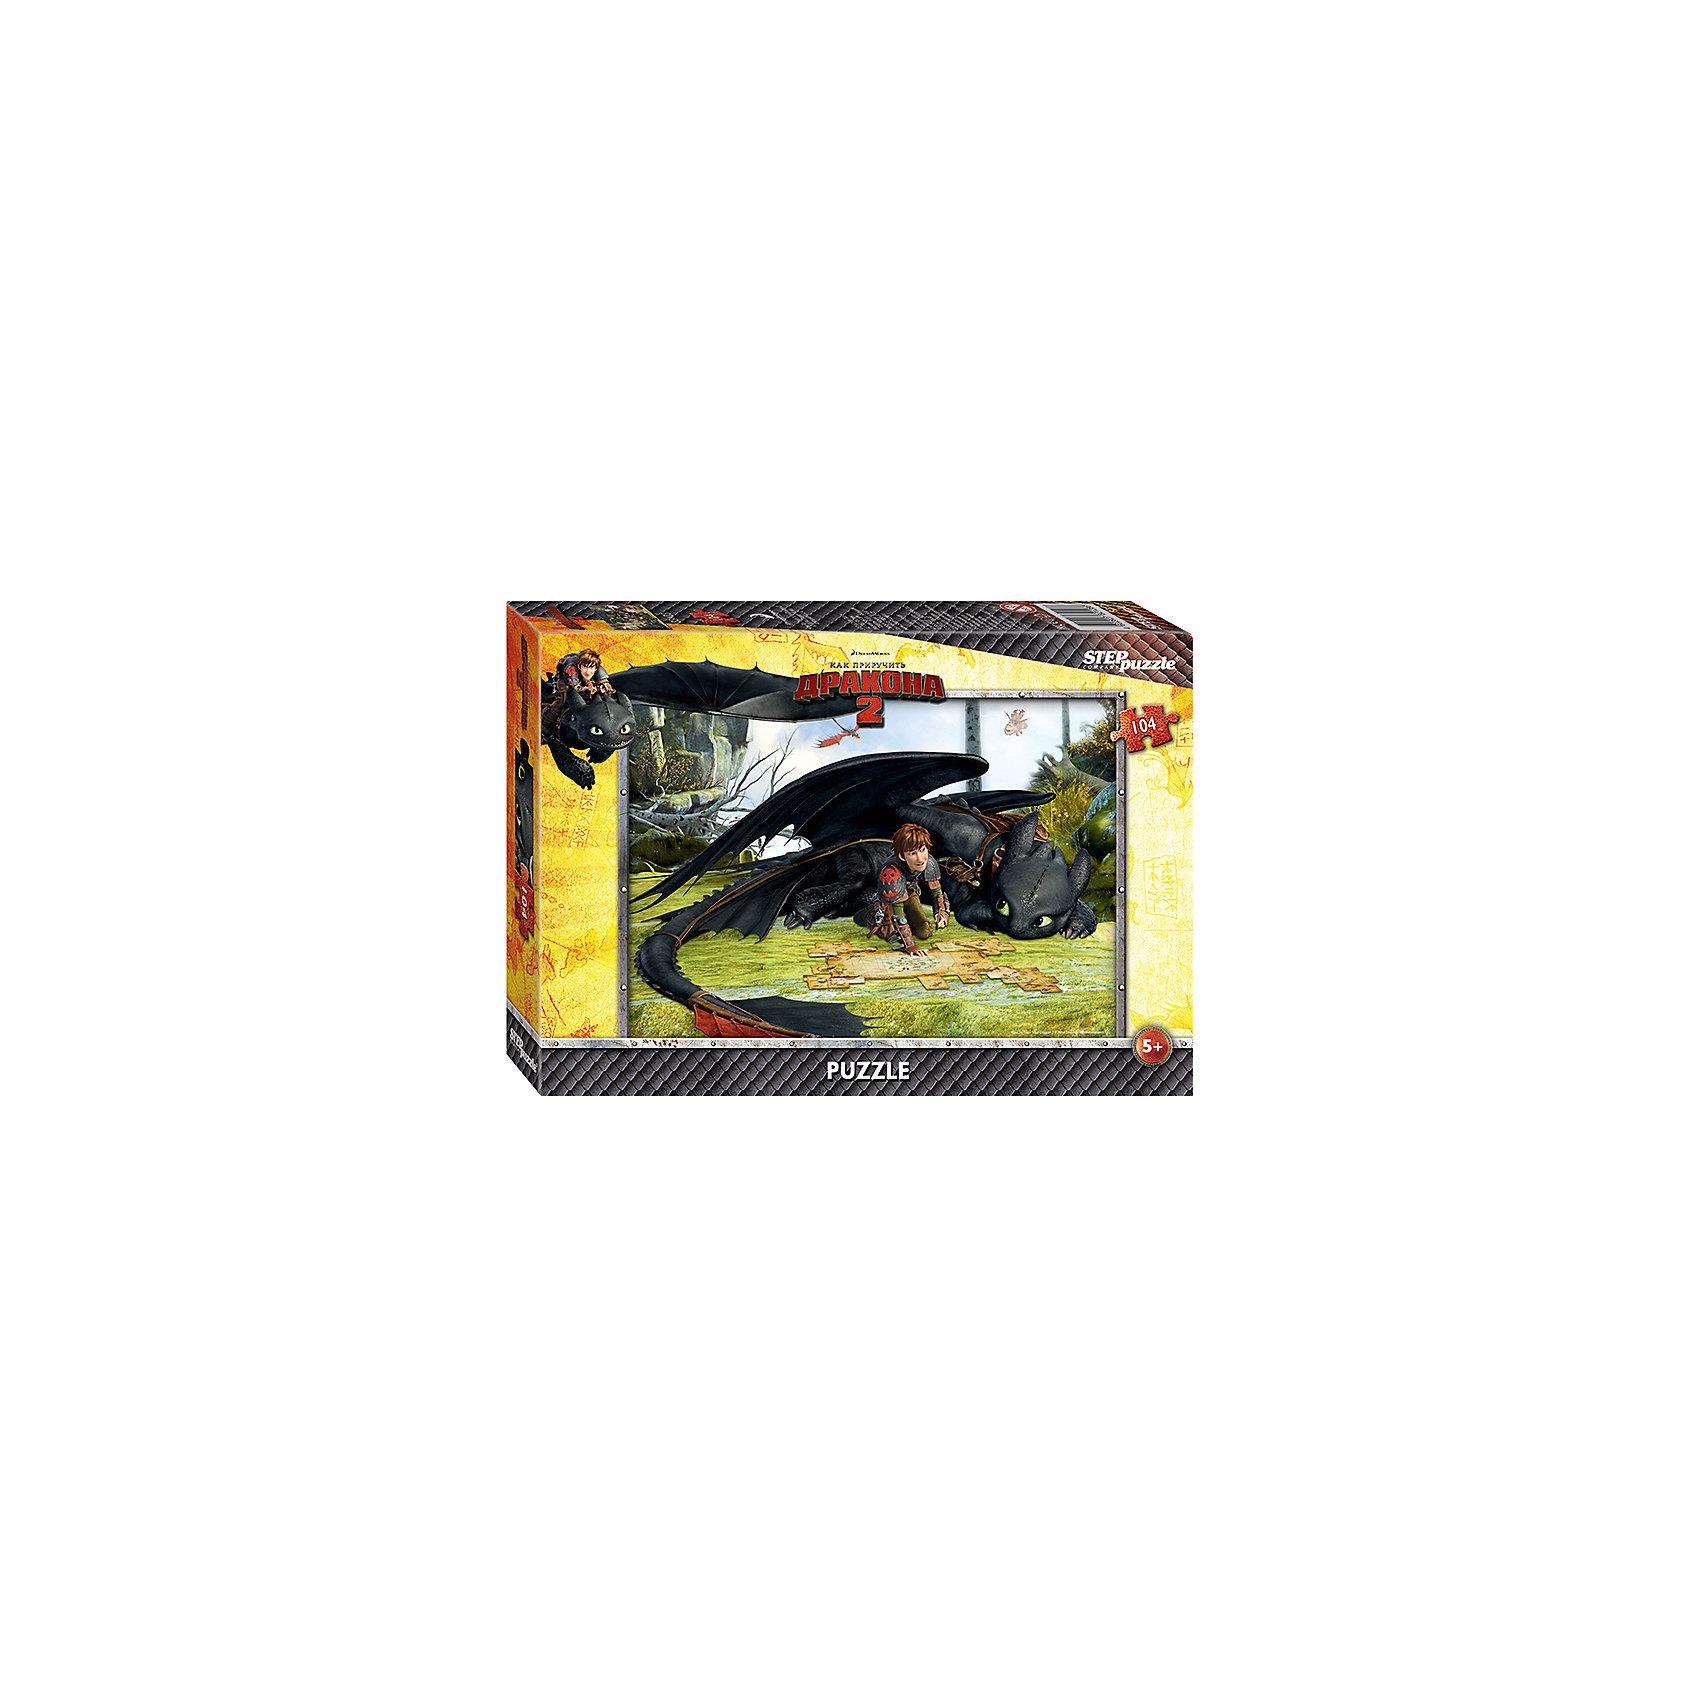 Пазл Как приручить дракона-2, 104 детали, Step PuzzleКлассические пазлы<br>Пазл Как приручить дракона-2, 104 детали, Step Puzzle (Степ Пазл) – это замечательный красочный пазл с изображением любимых героев.<br>Погрузитесь в мир головокружительных приключений вместе с героями мультфильма DreamWorks «Как приручить дракона 2» Прошло пять лет с тех пор как викинги и драконы примирились. Ни что не нарушает спокойную жизнь на острове Олух. Ребята соревнуются в драконьих гонках. Иккинг и Беззубик путешествуют по небу и составляют карту неизвестных мест. Но их мирной жизни приходит конец. Новый могущественный враг надвигается на остров. Викингам и драконам предстоит пережить много опасных приключений и сразиться за мир. Подарите ребенку чудесный пазл Как приручить дракона-2, и он будет увлеченно подбирать детали, пока не составит яркую и интересную картинку с любимым героем Иккингом и его ручным драконом по кличке Беззубик. Сборка пазла Как приручить дракона-2 от Step Puzzle (Степ Пазл) подарит Вашему ребенку не только множество увлекательных вечеров, но и принесет пользу для развития. Координация, моторика, внимательность легко тренируются, пока ребенок увлеченно подбирает детали. Качественные фрагменты пазла отлично проклеены и идеально подходят один к другому, поэтому сборка пазла обеспечит малышу только положительные эмоции. Вы будете использовать этот пазл не один год, ведь благодаря качественной нарезке детали не расслаиваются даже после многократного использования.<br><br>Дополнительная информация:<br><br>- Количество деталей: 104<br>- Материал: картон<br>- Размер собранной картинки: 33х23 см.<br>- Отличная проклейка<br>- Долгий срок службы<br>- Детали идеально подходят друг другу<br>- Яркий сюжет<br>- Упаковка: картонная коробка<br>- Размер упаковки: 195x35x140 мм.<br>- Вес: 400 гр.<br><br>Пазл Как приручить дракона-2, 104 детали, Step Puzzle (Степ Пазл) можно купить в нашем интернет-магазине.<br><br>Ширина мм: 195<br>Глубина мм: 35<br>Высота мм: 140<br>Вес г: 400<b